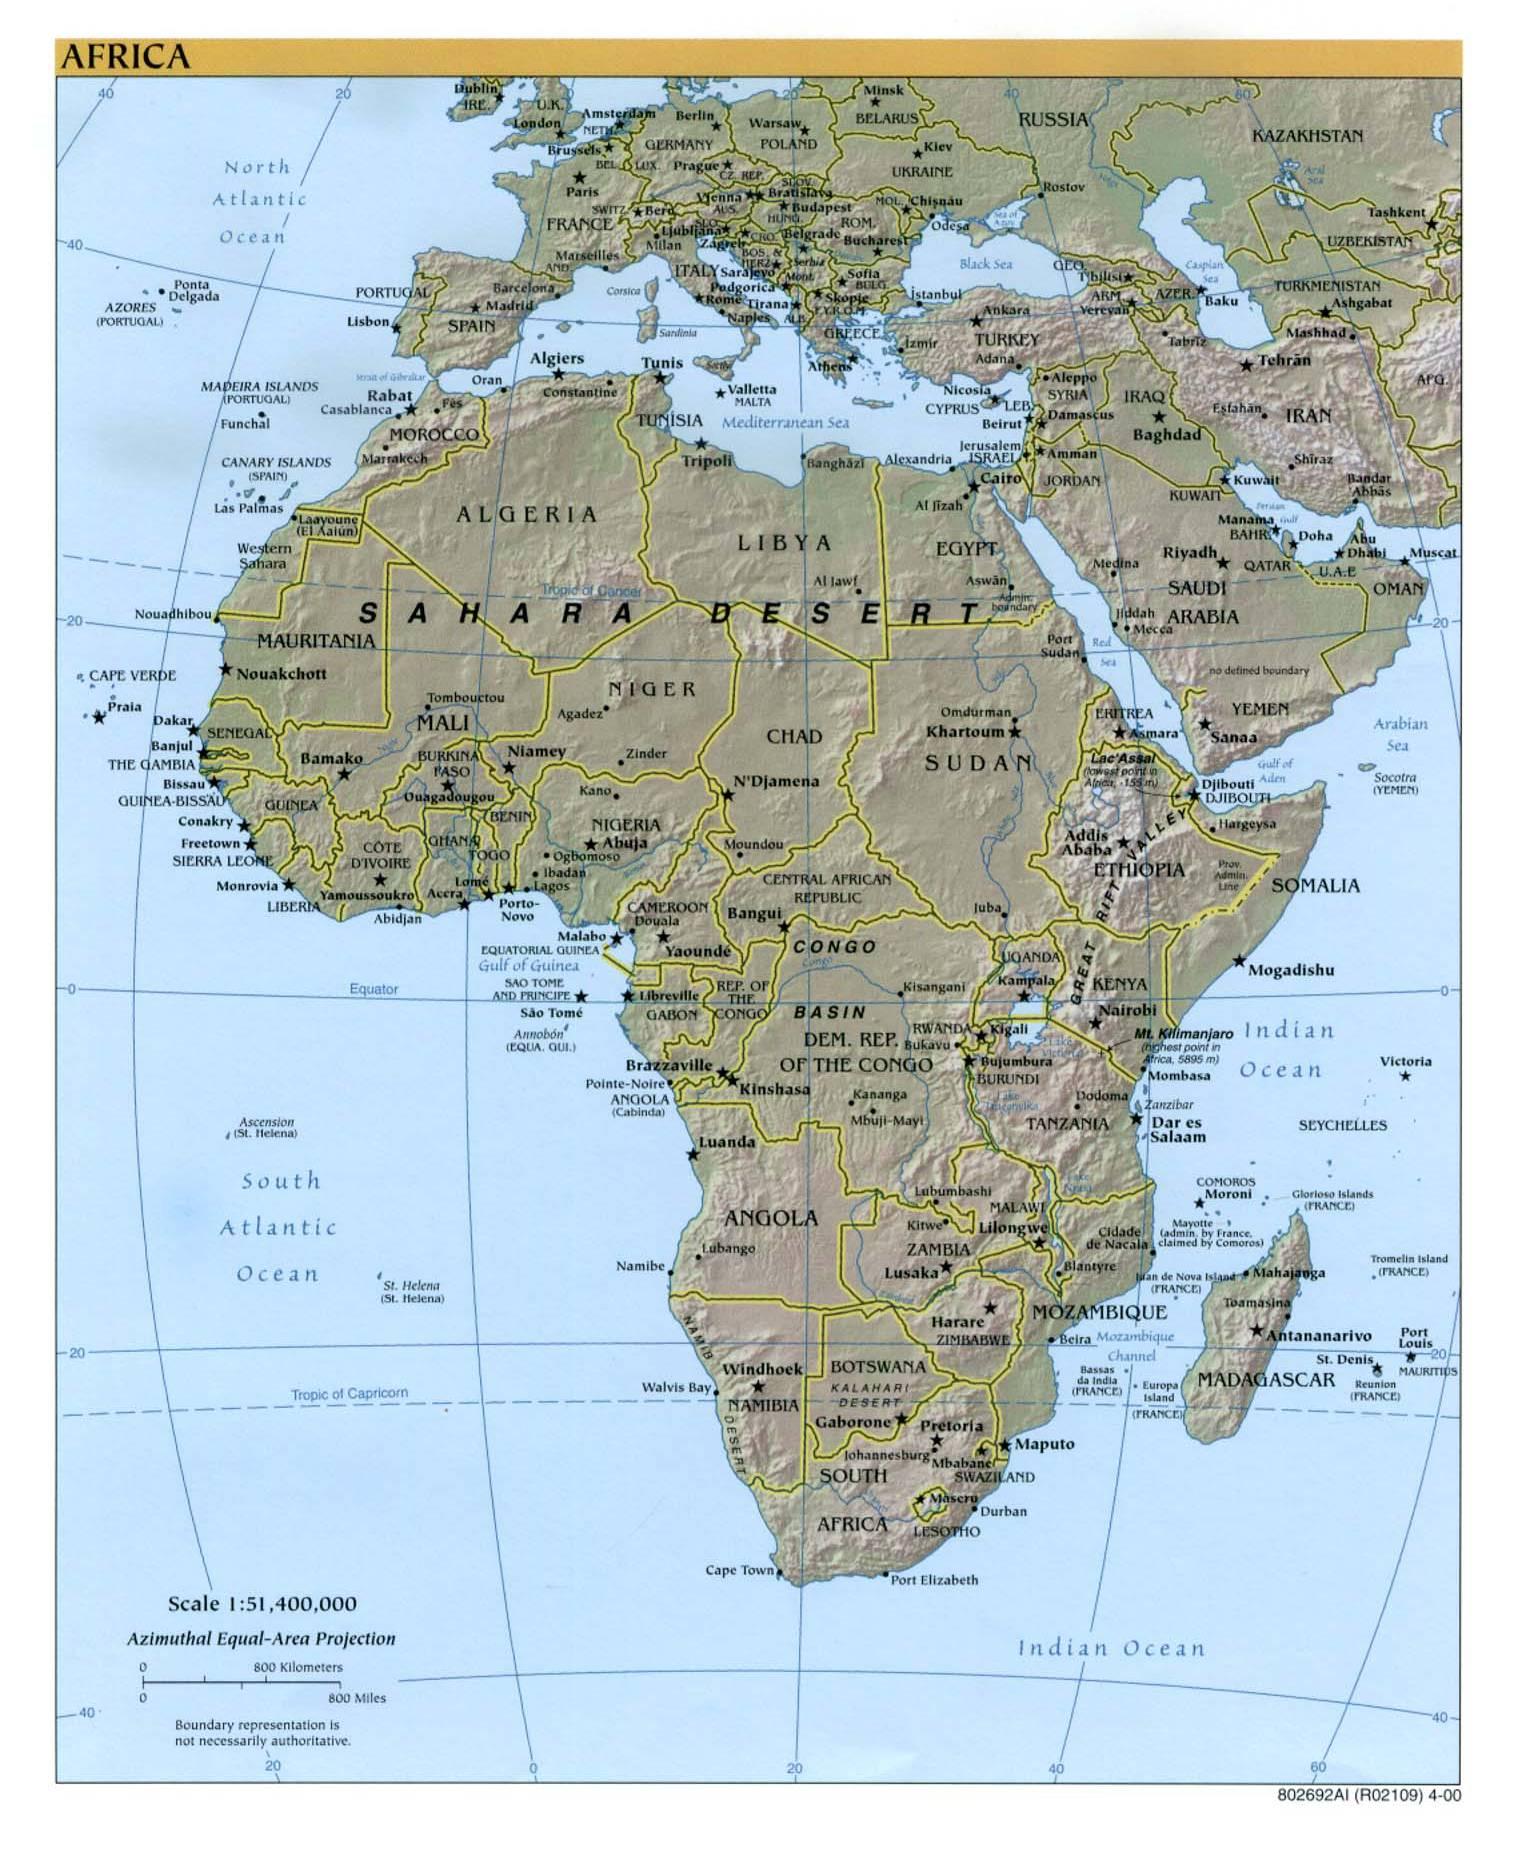 非洲地形图高清版大地图